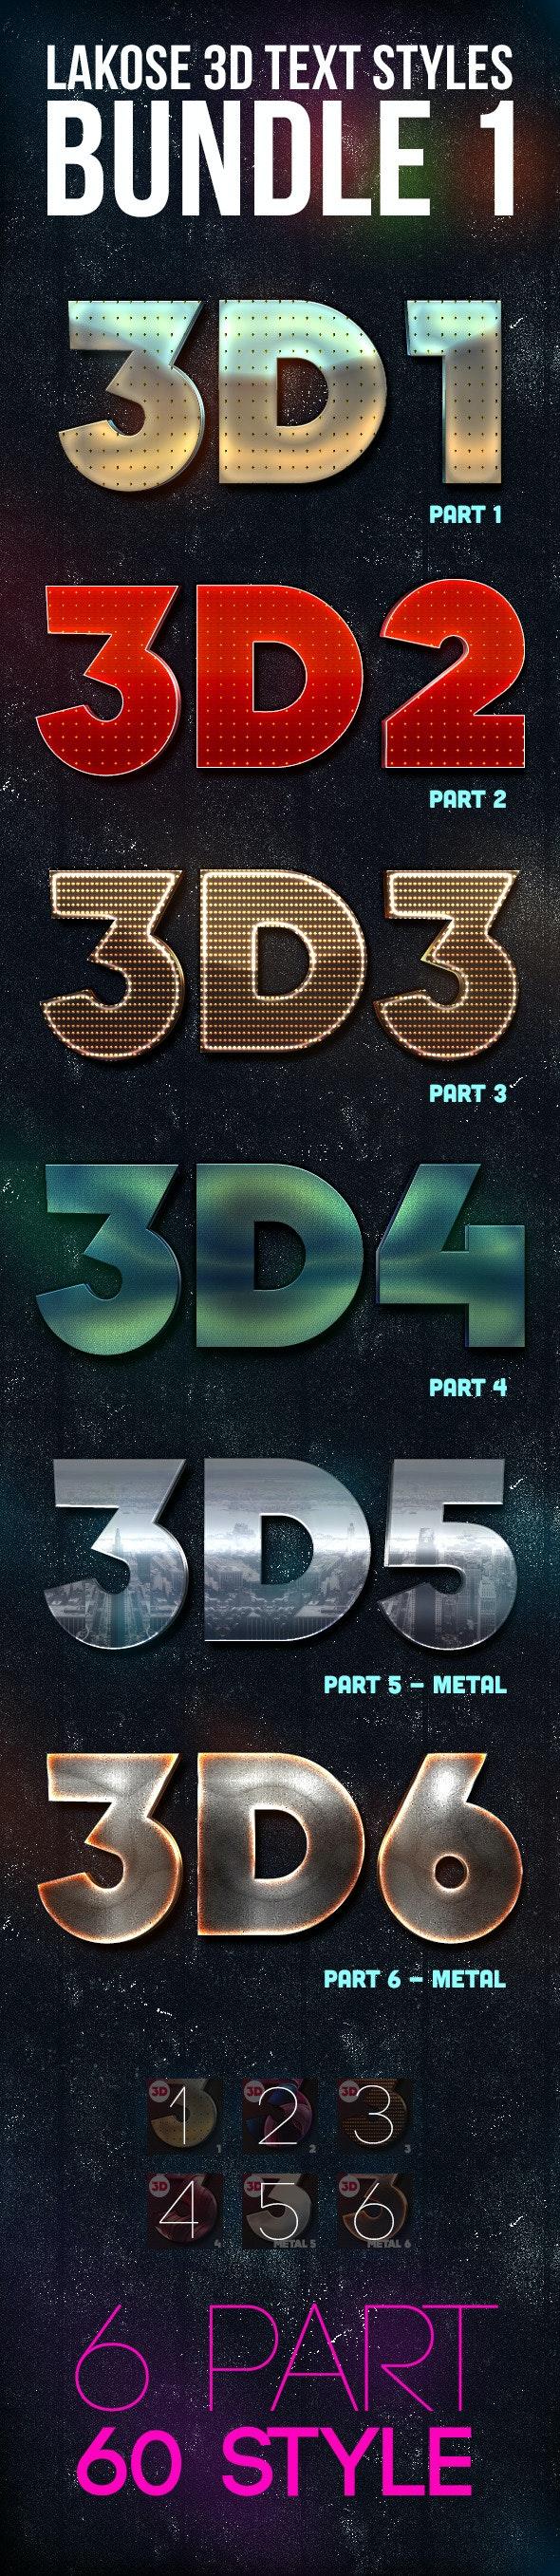 Lakose 3D Text Styles Bundle 1 - Text Effects Styles